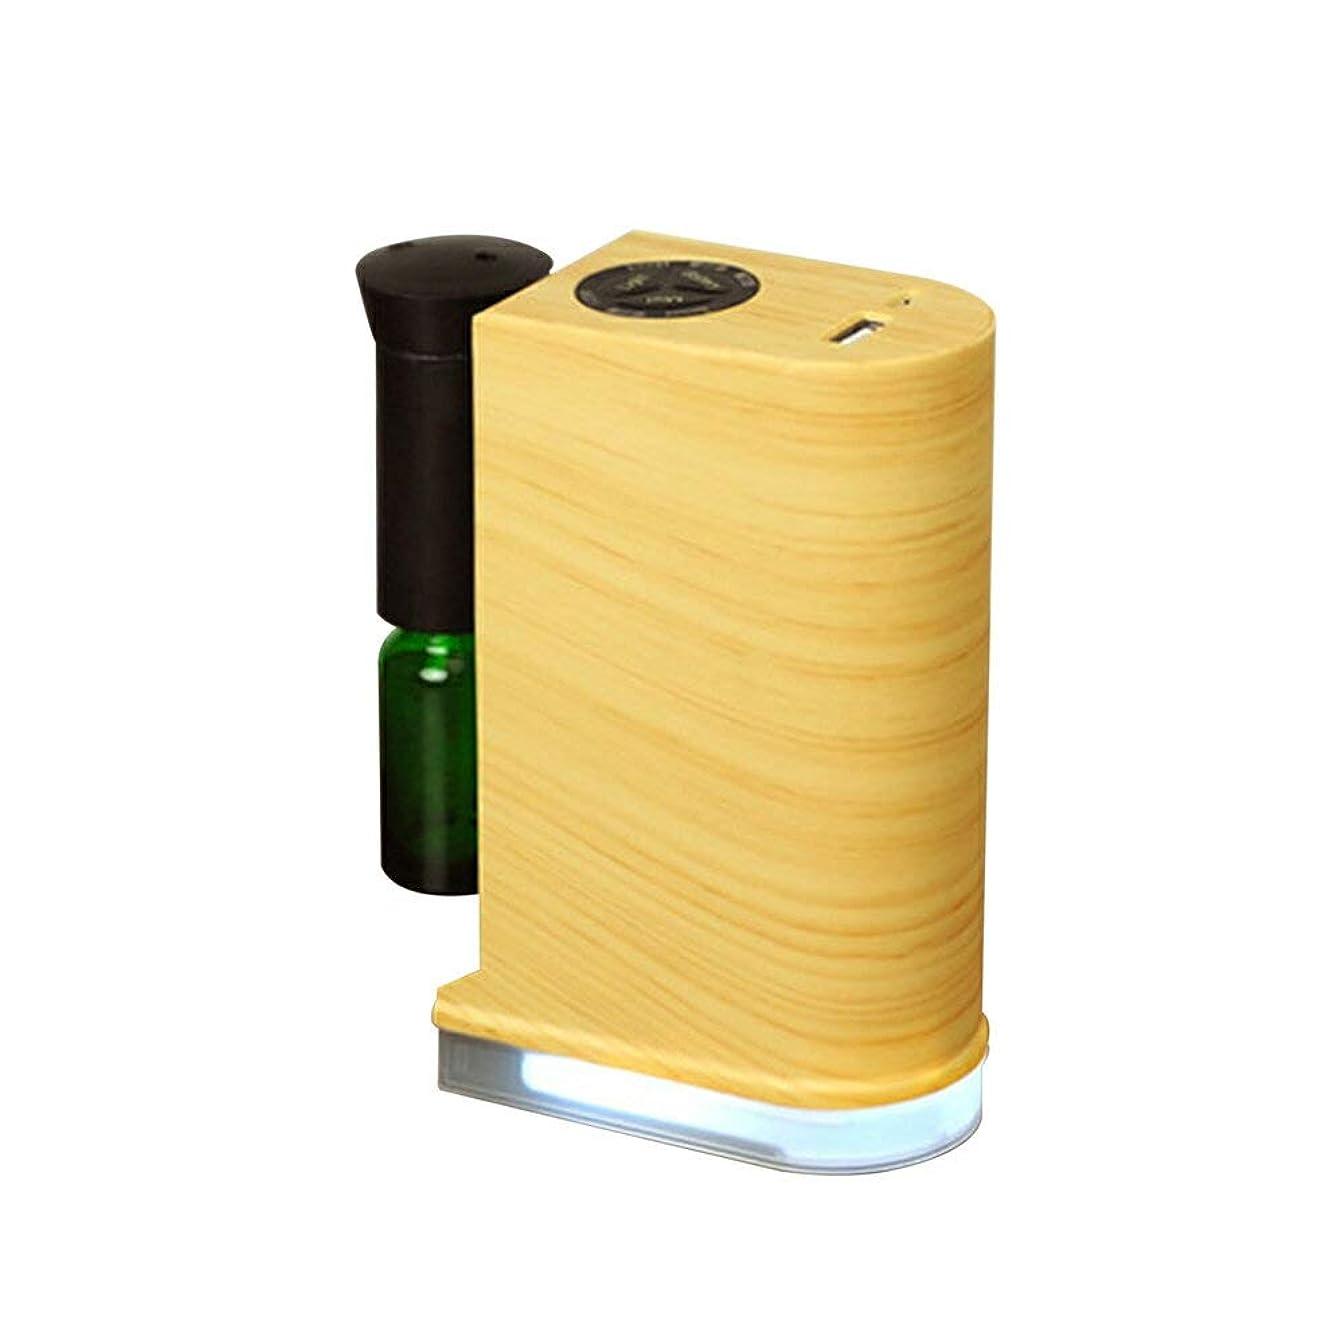 マーカー円形の有毒なアロマディフューザー 木目調 ネブライザー式 USBポート付き 癒しの空間 卓上 アロマライト アロマオイル スマホ充電可能 オフィス リビング ナチュラル